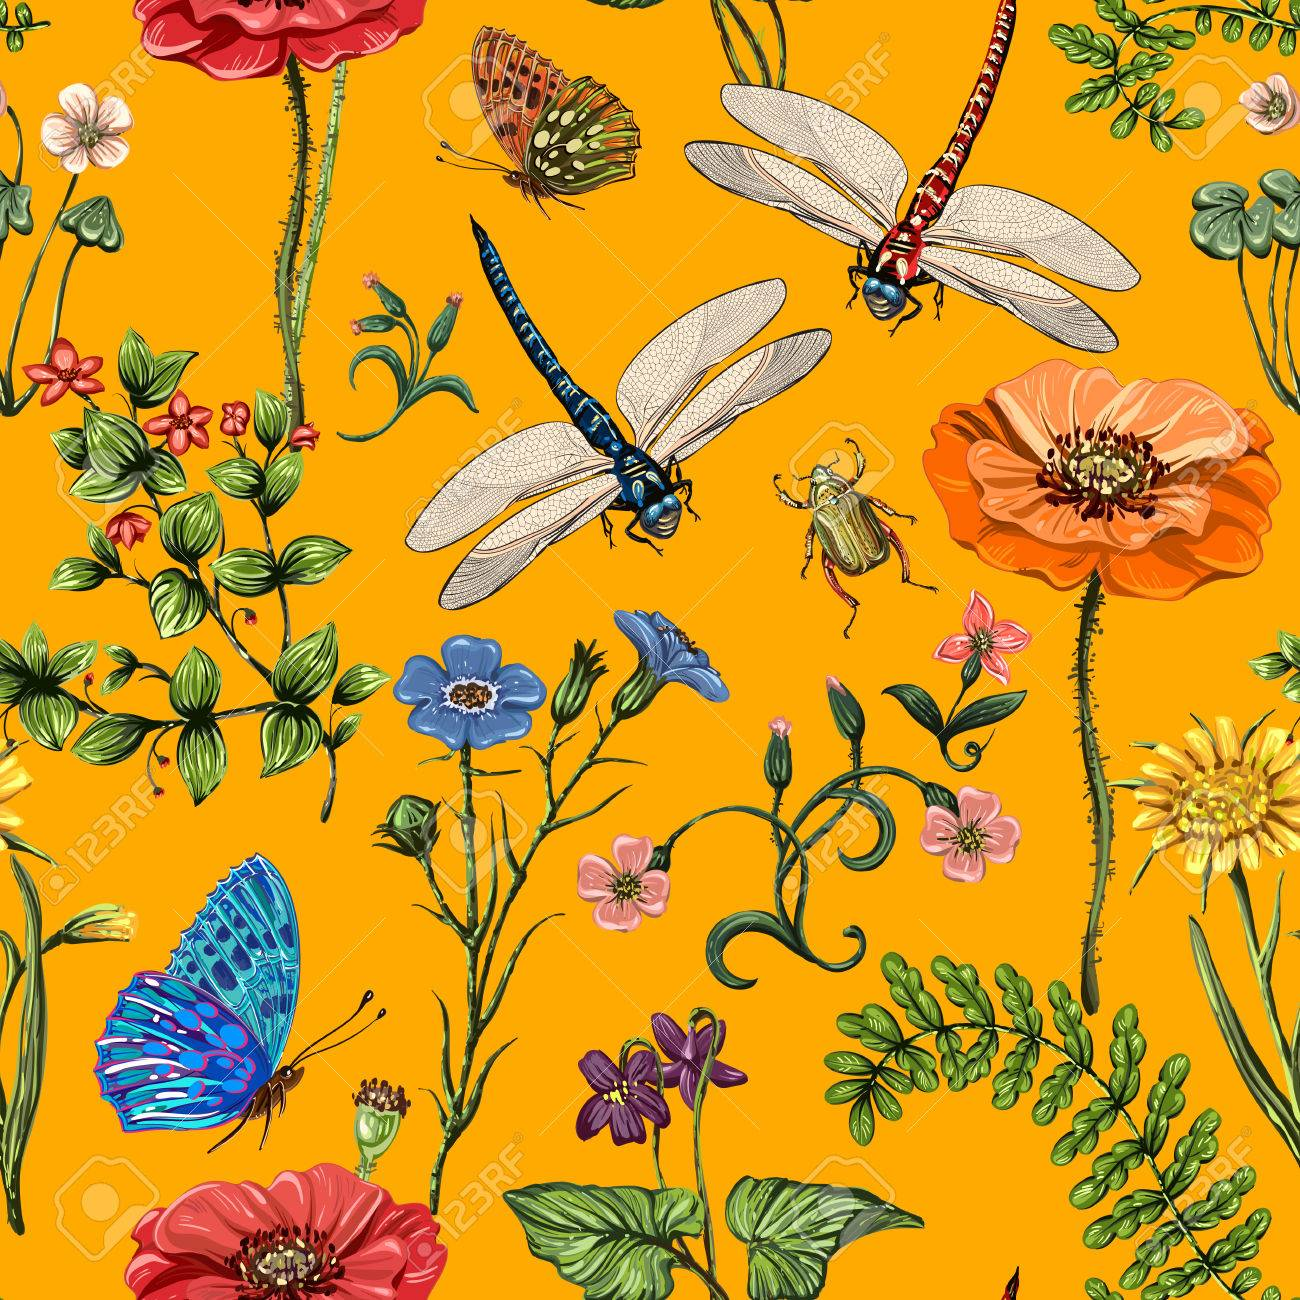 vert modele sans vecteur fond d ecran botanique plantes insectes fleurs en style vintage papillons libellules coleopteres et plantes au style